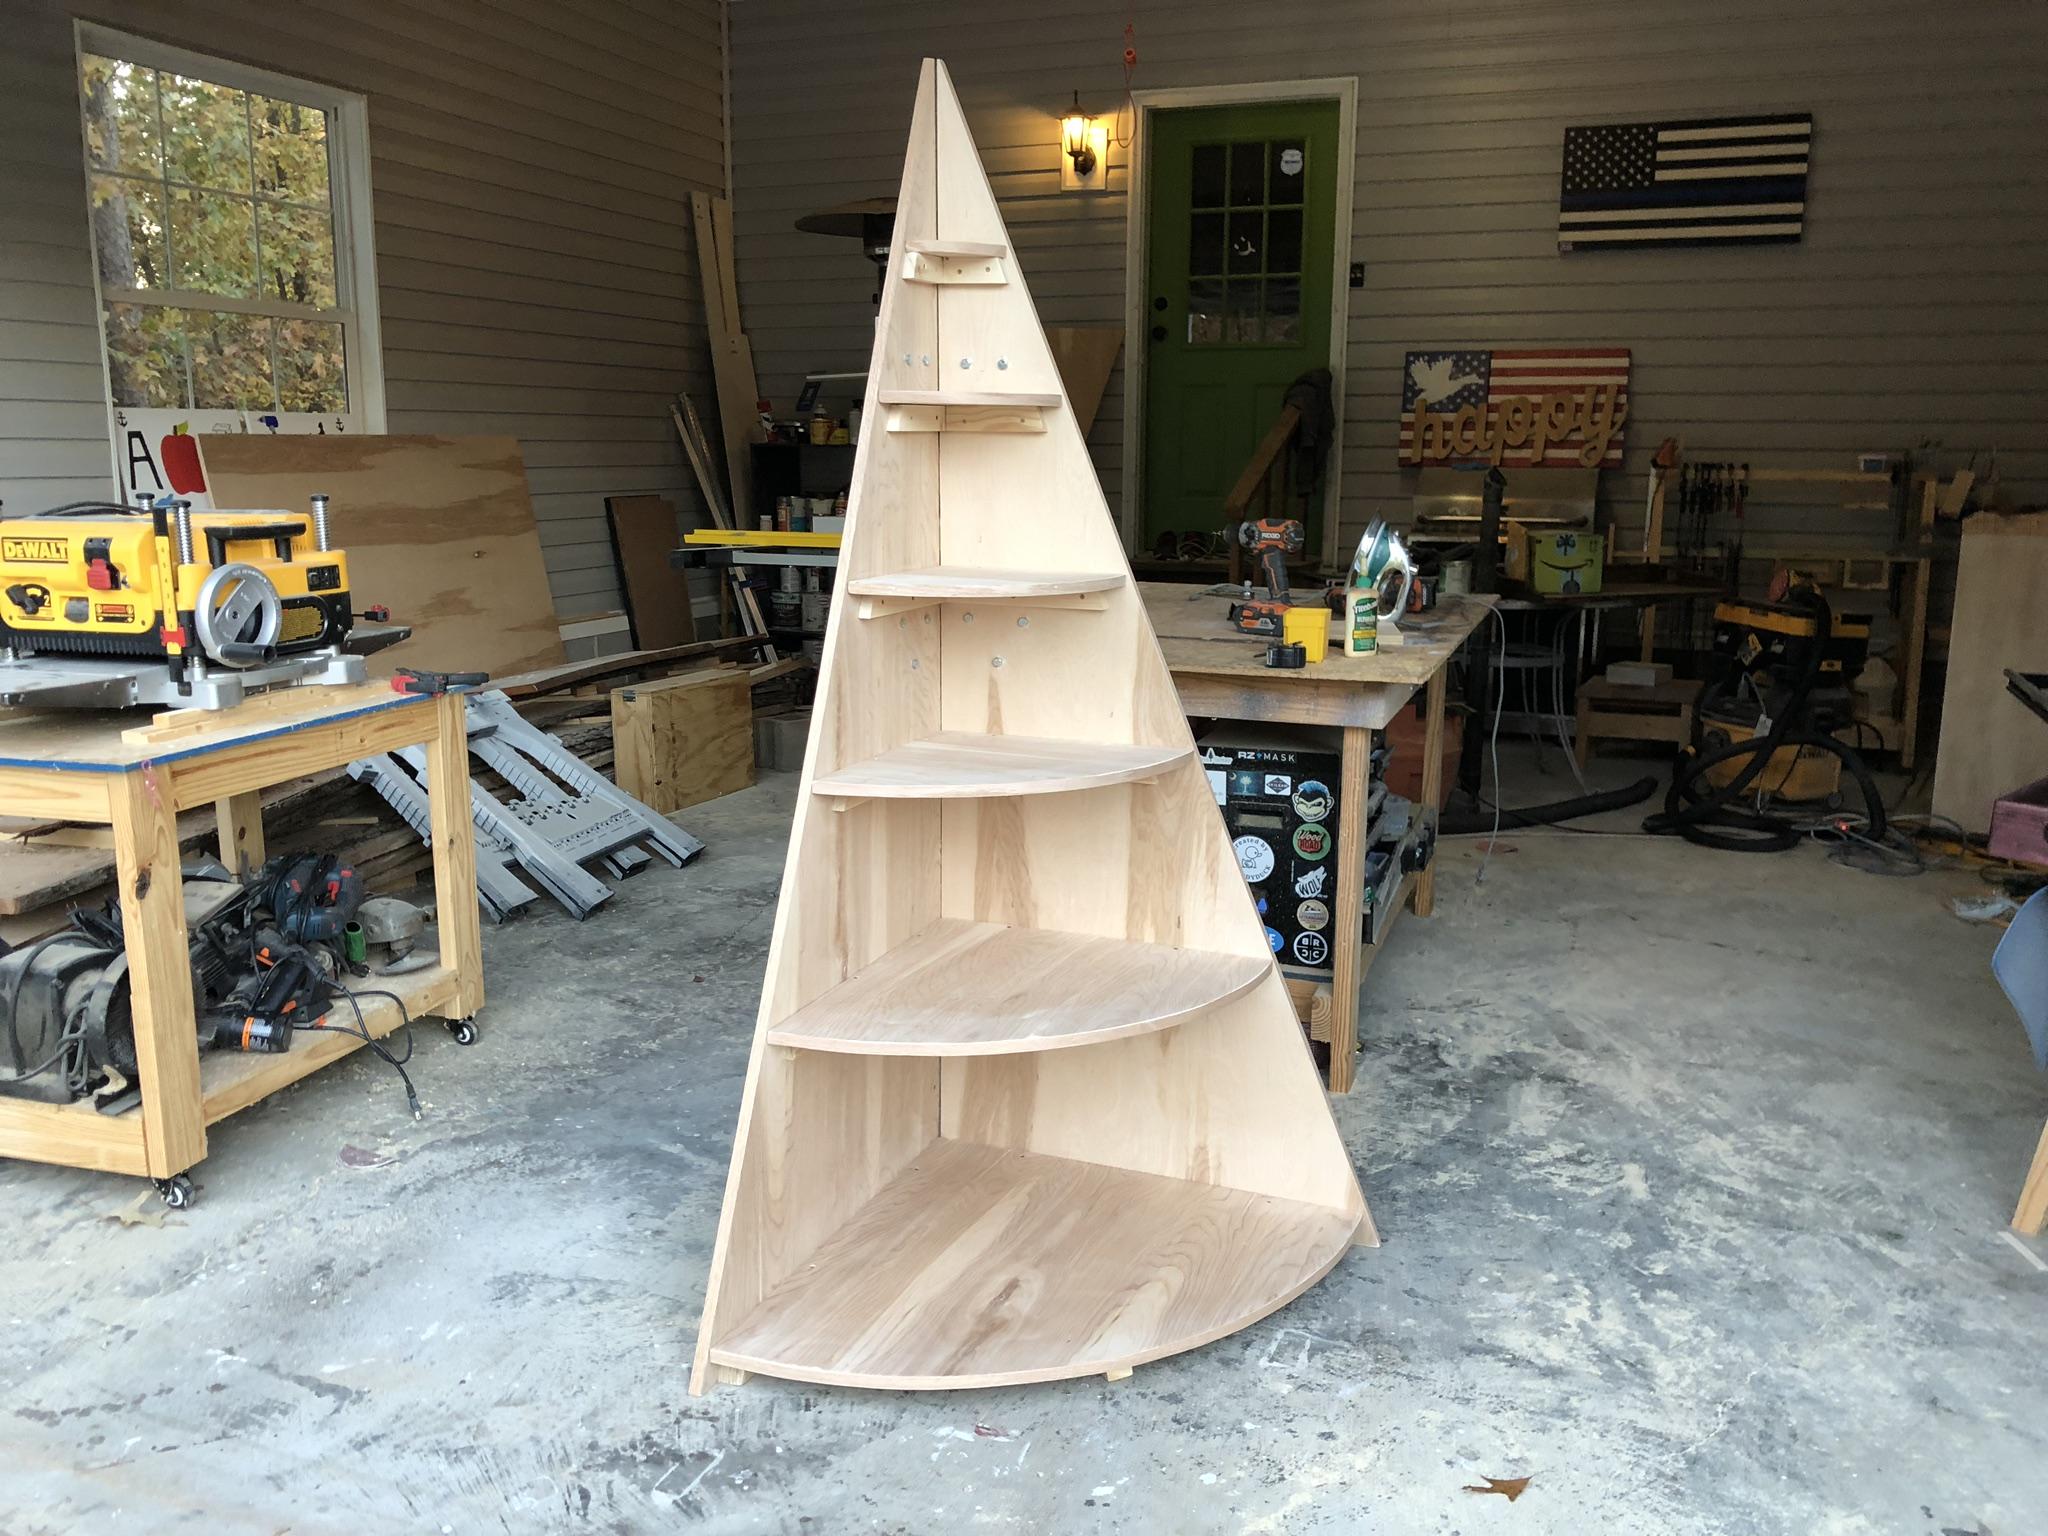 Christmas Village Display Tree.jpeg